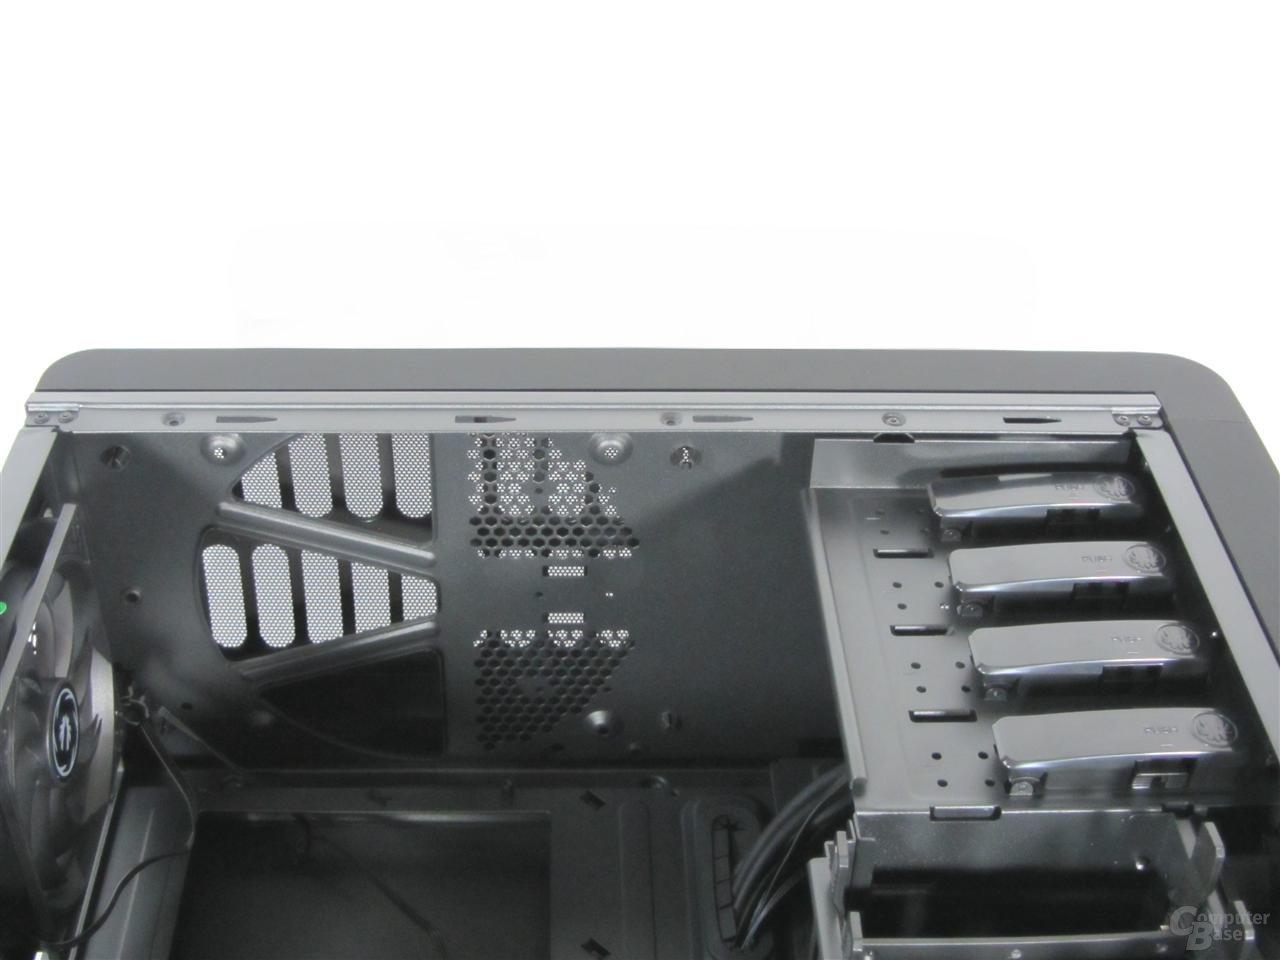 BitFenix Raider - Innenraum